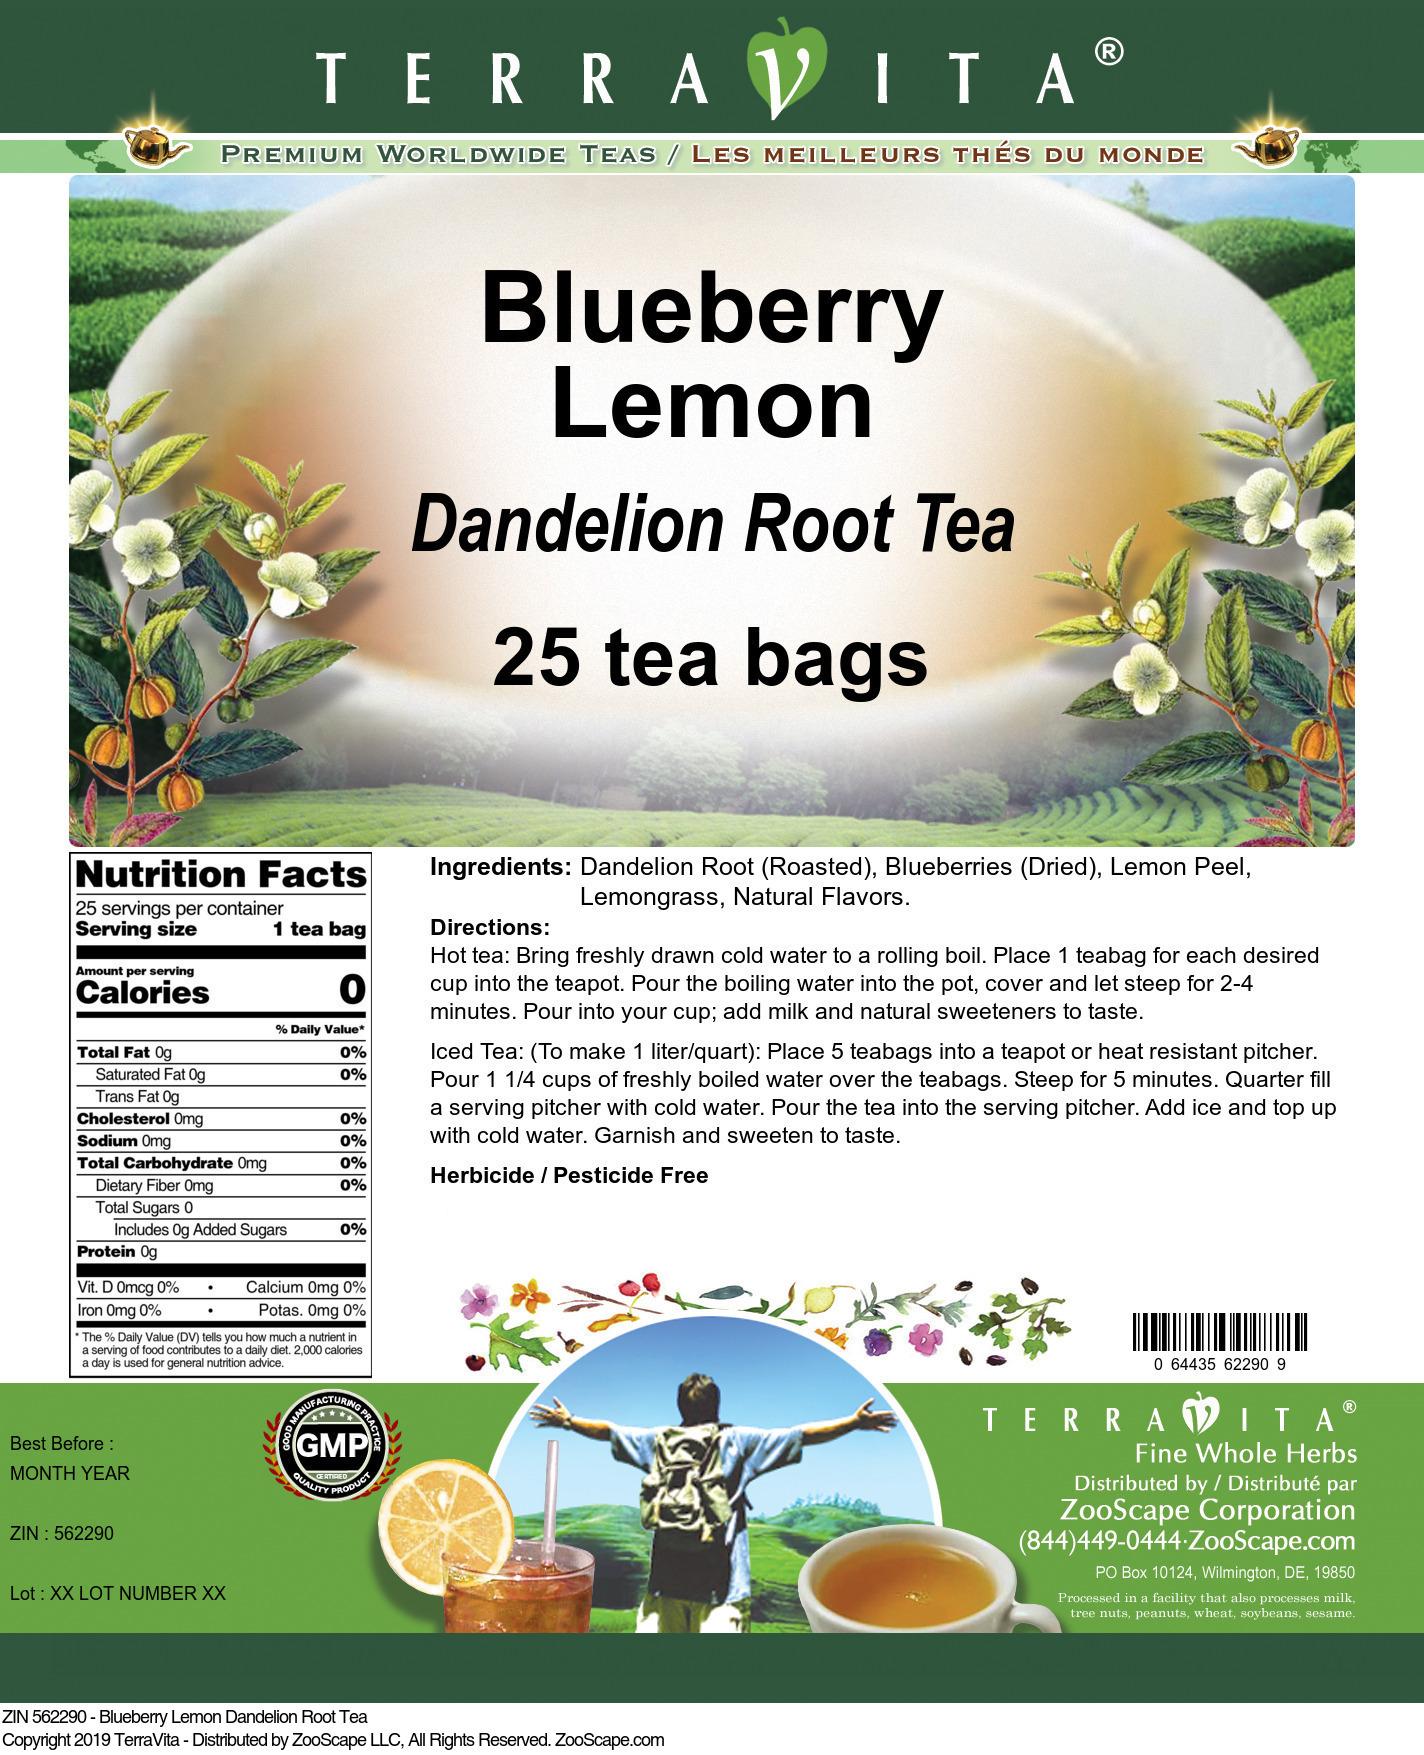 Blueberry Lemon Dandelion Root Tea